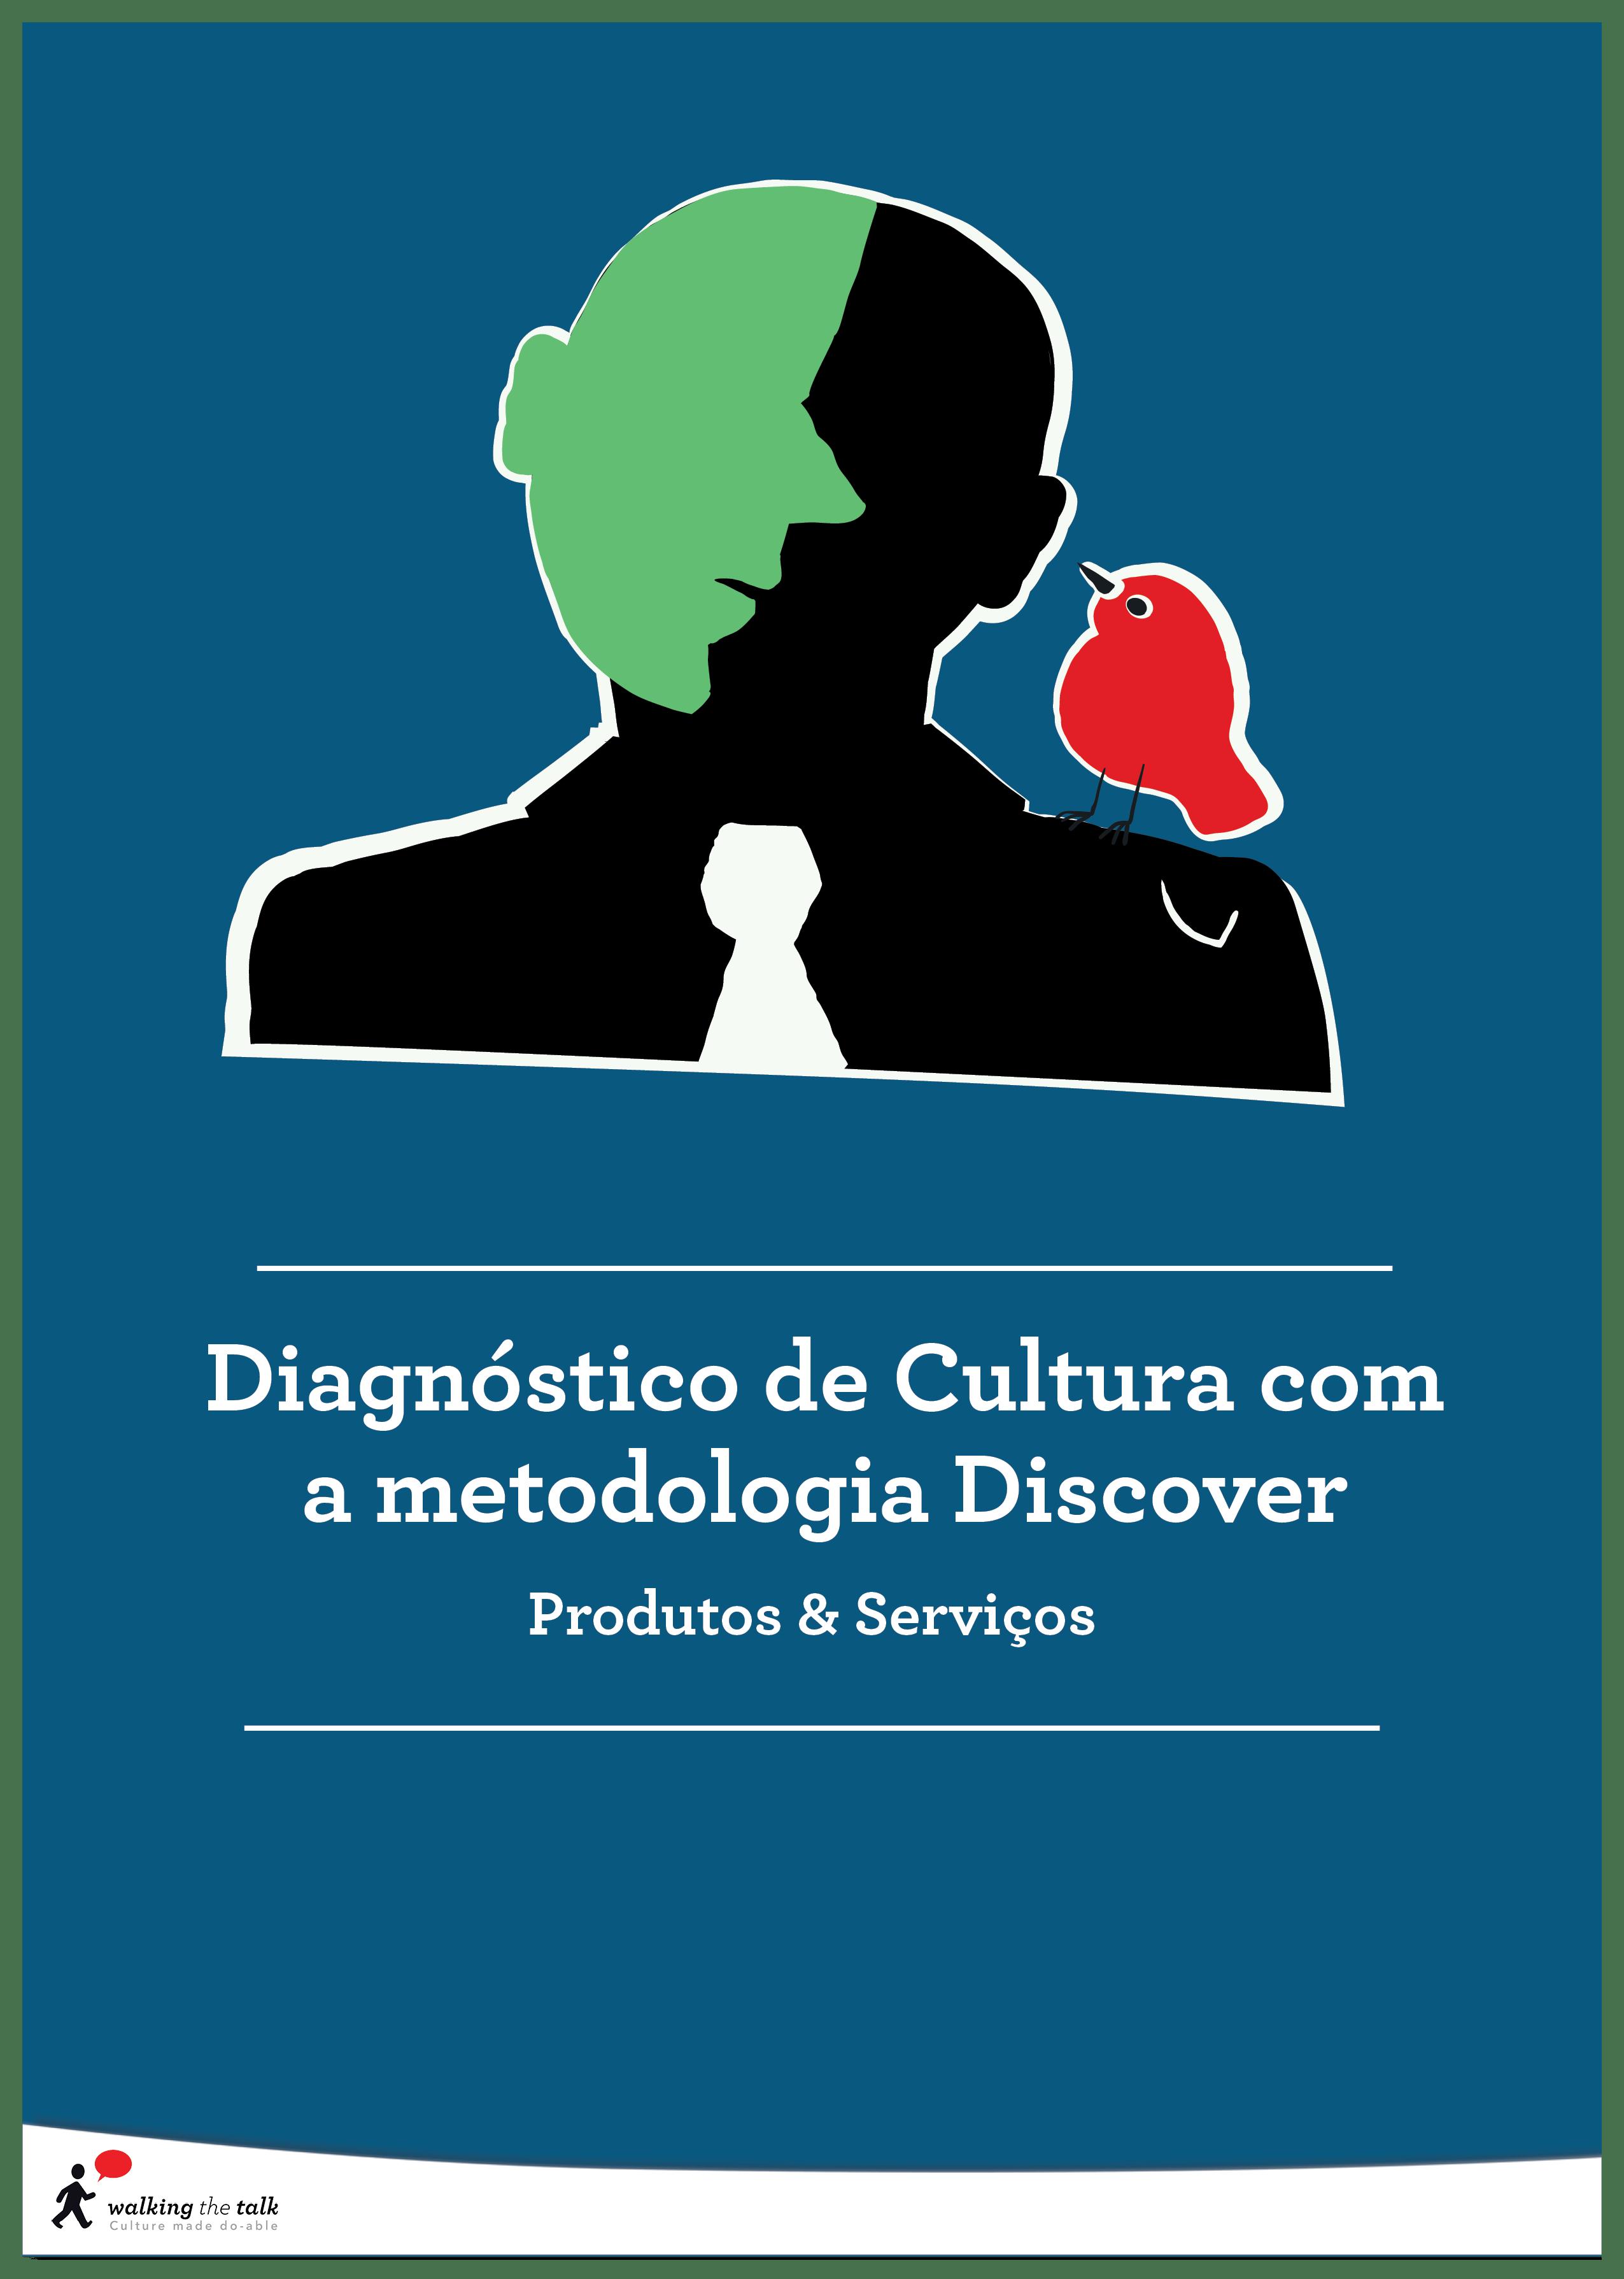 Liderando a Cultura   Produtos